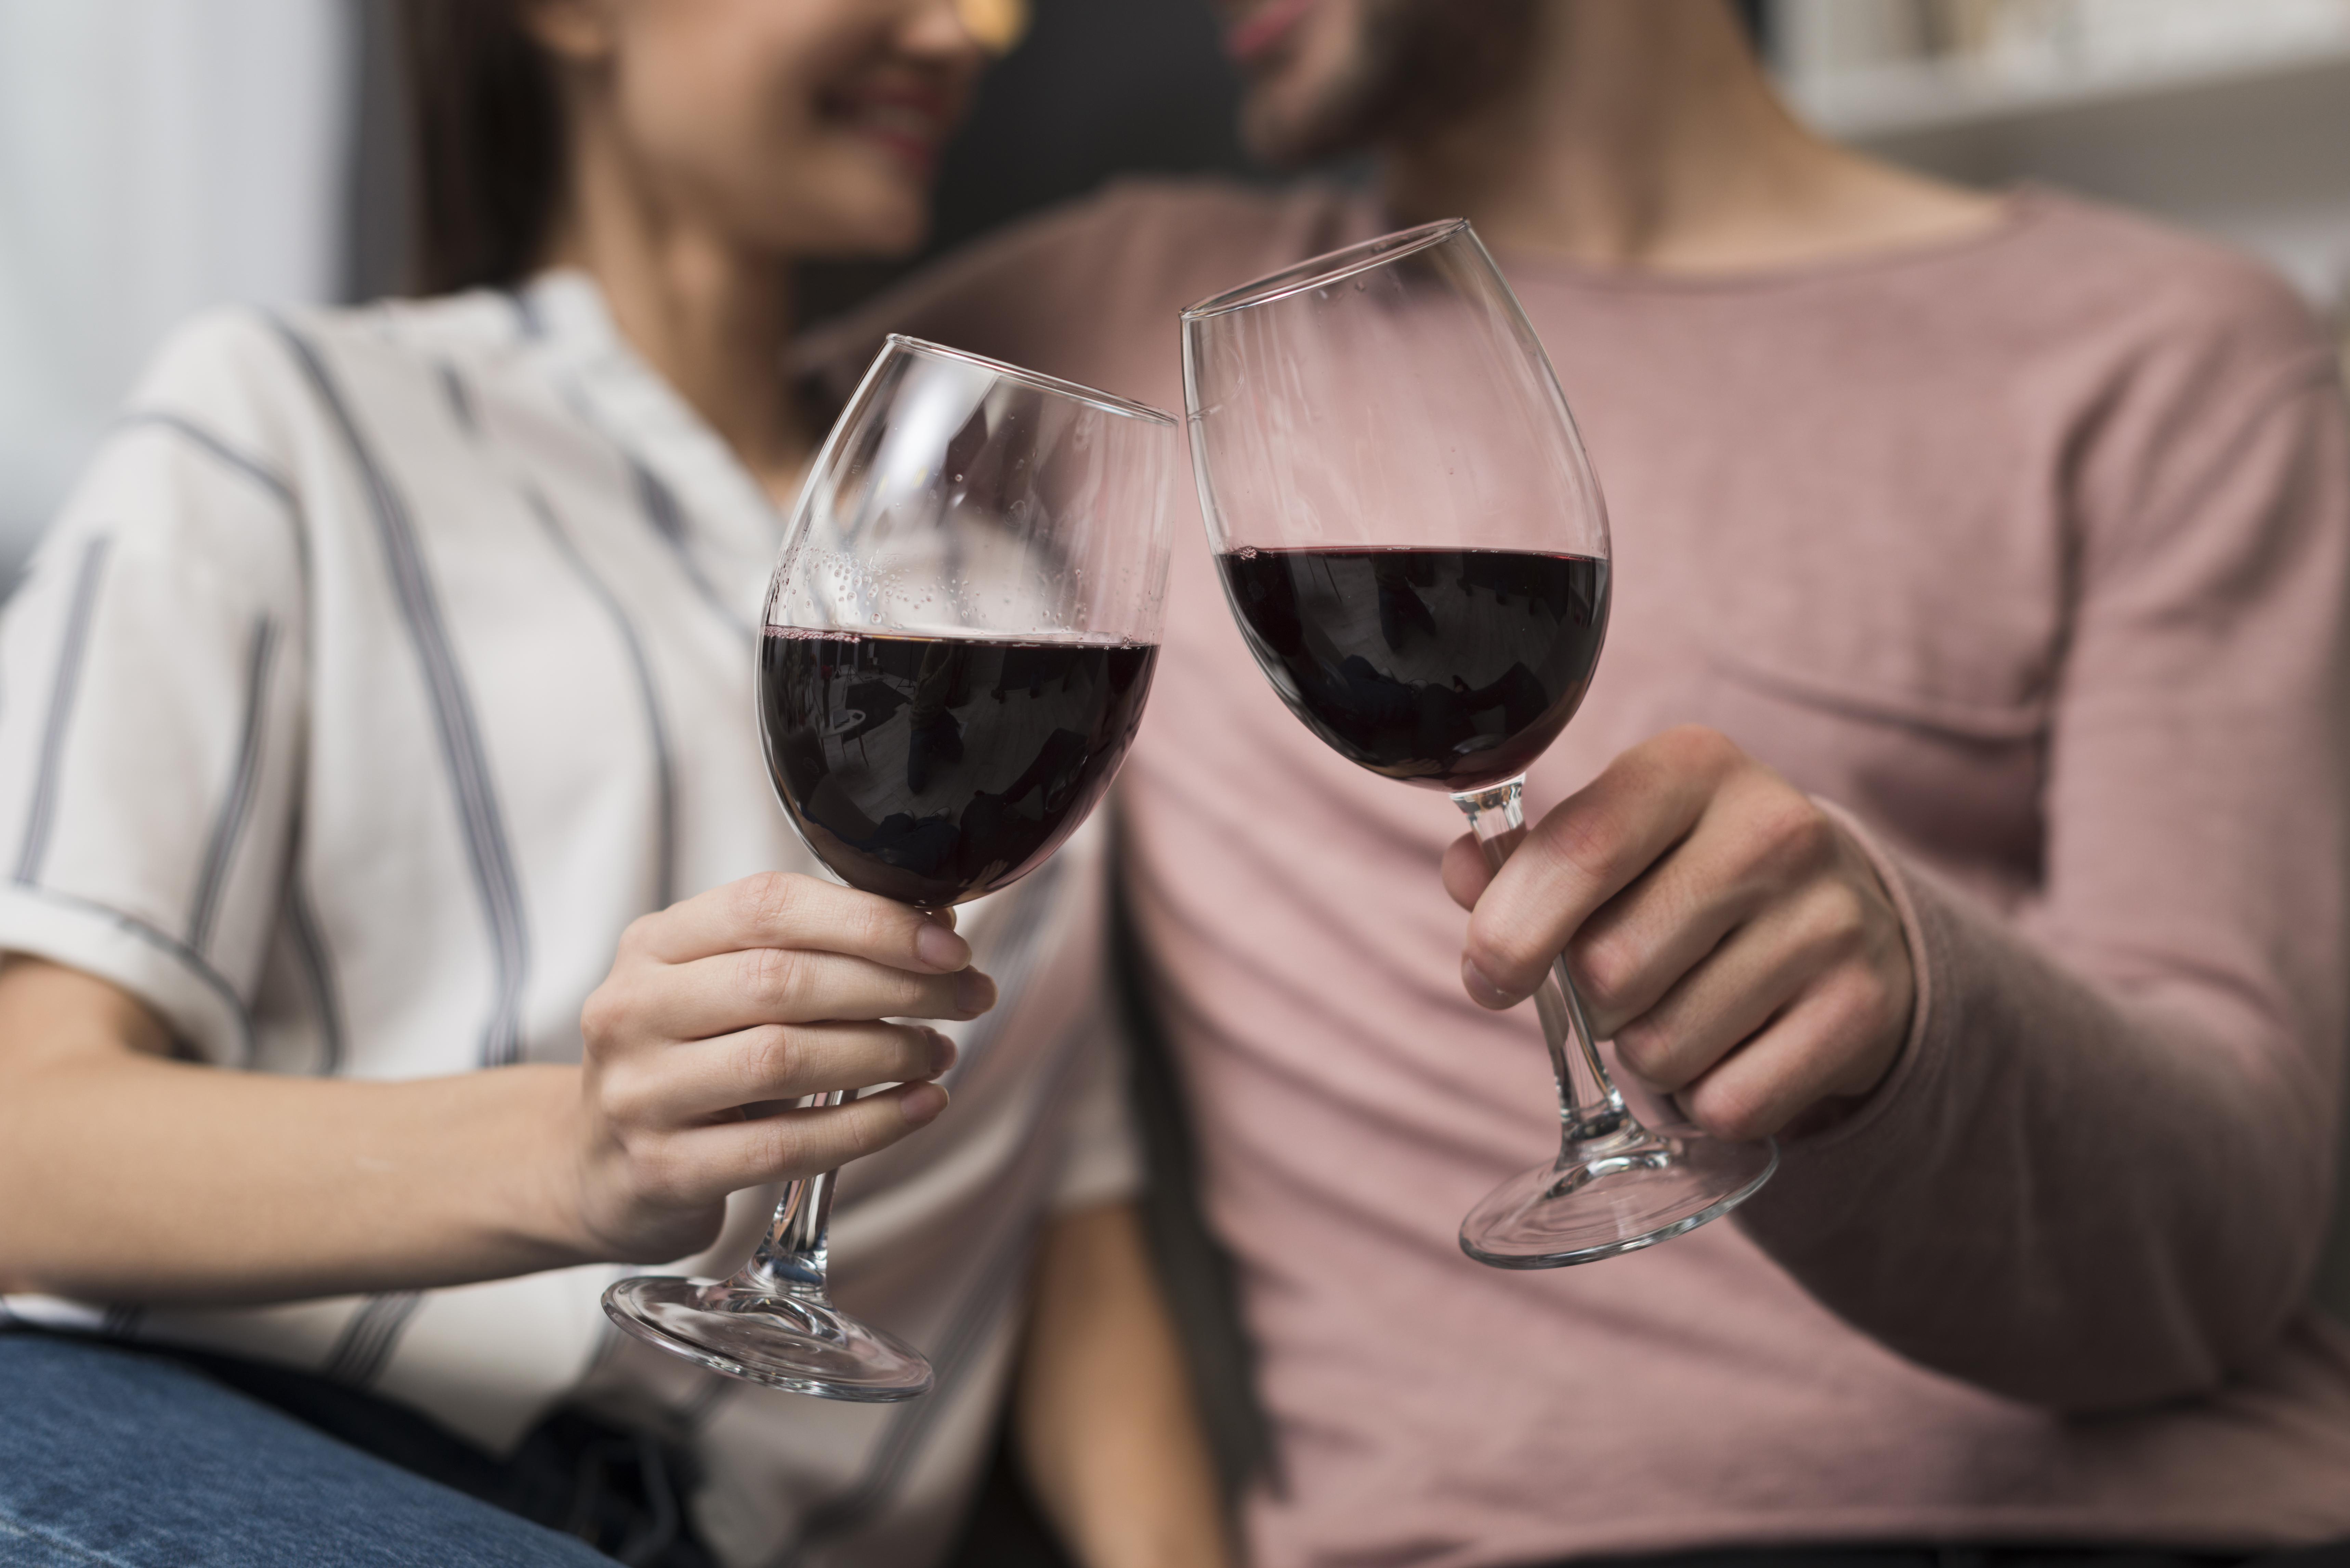 Três rótulos portugueses entre os melhores vinhos do mundo pela Forbes